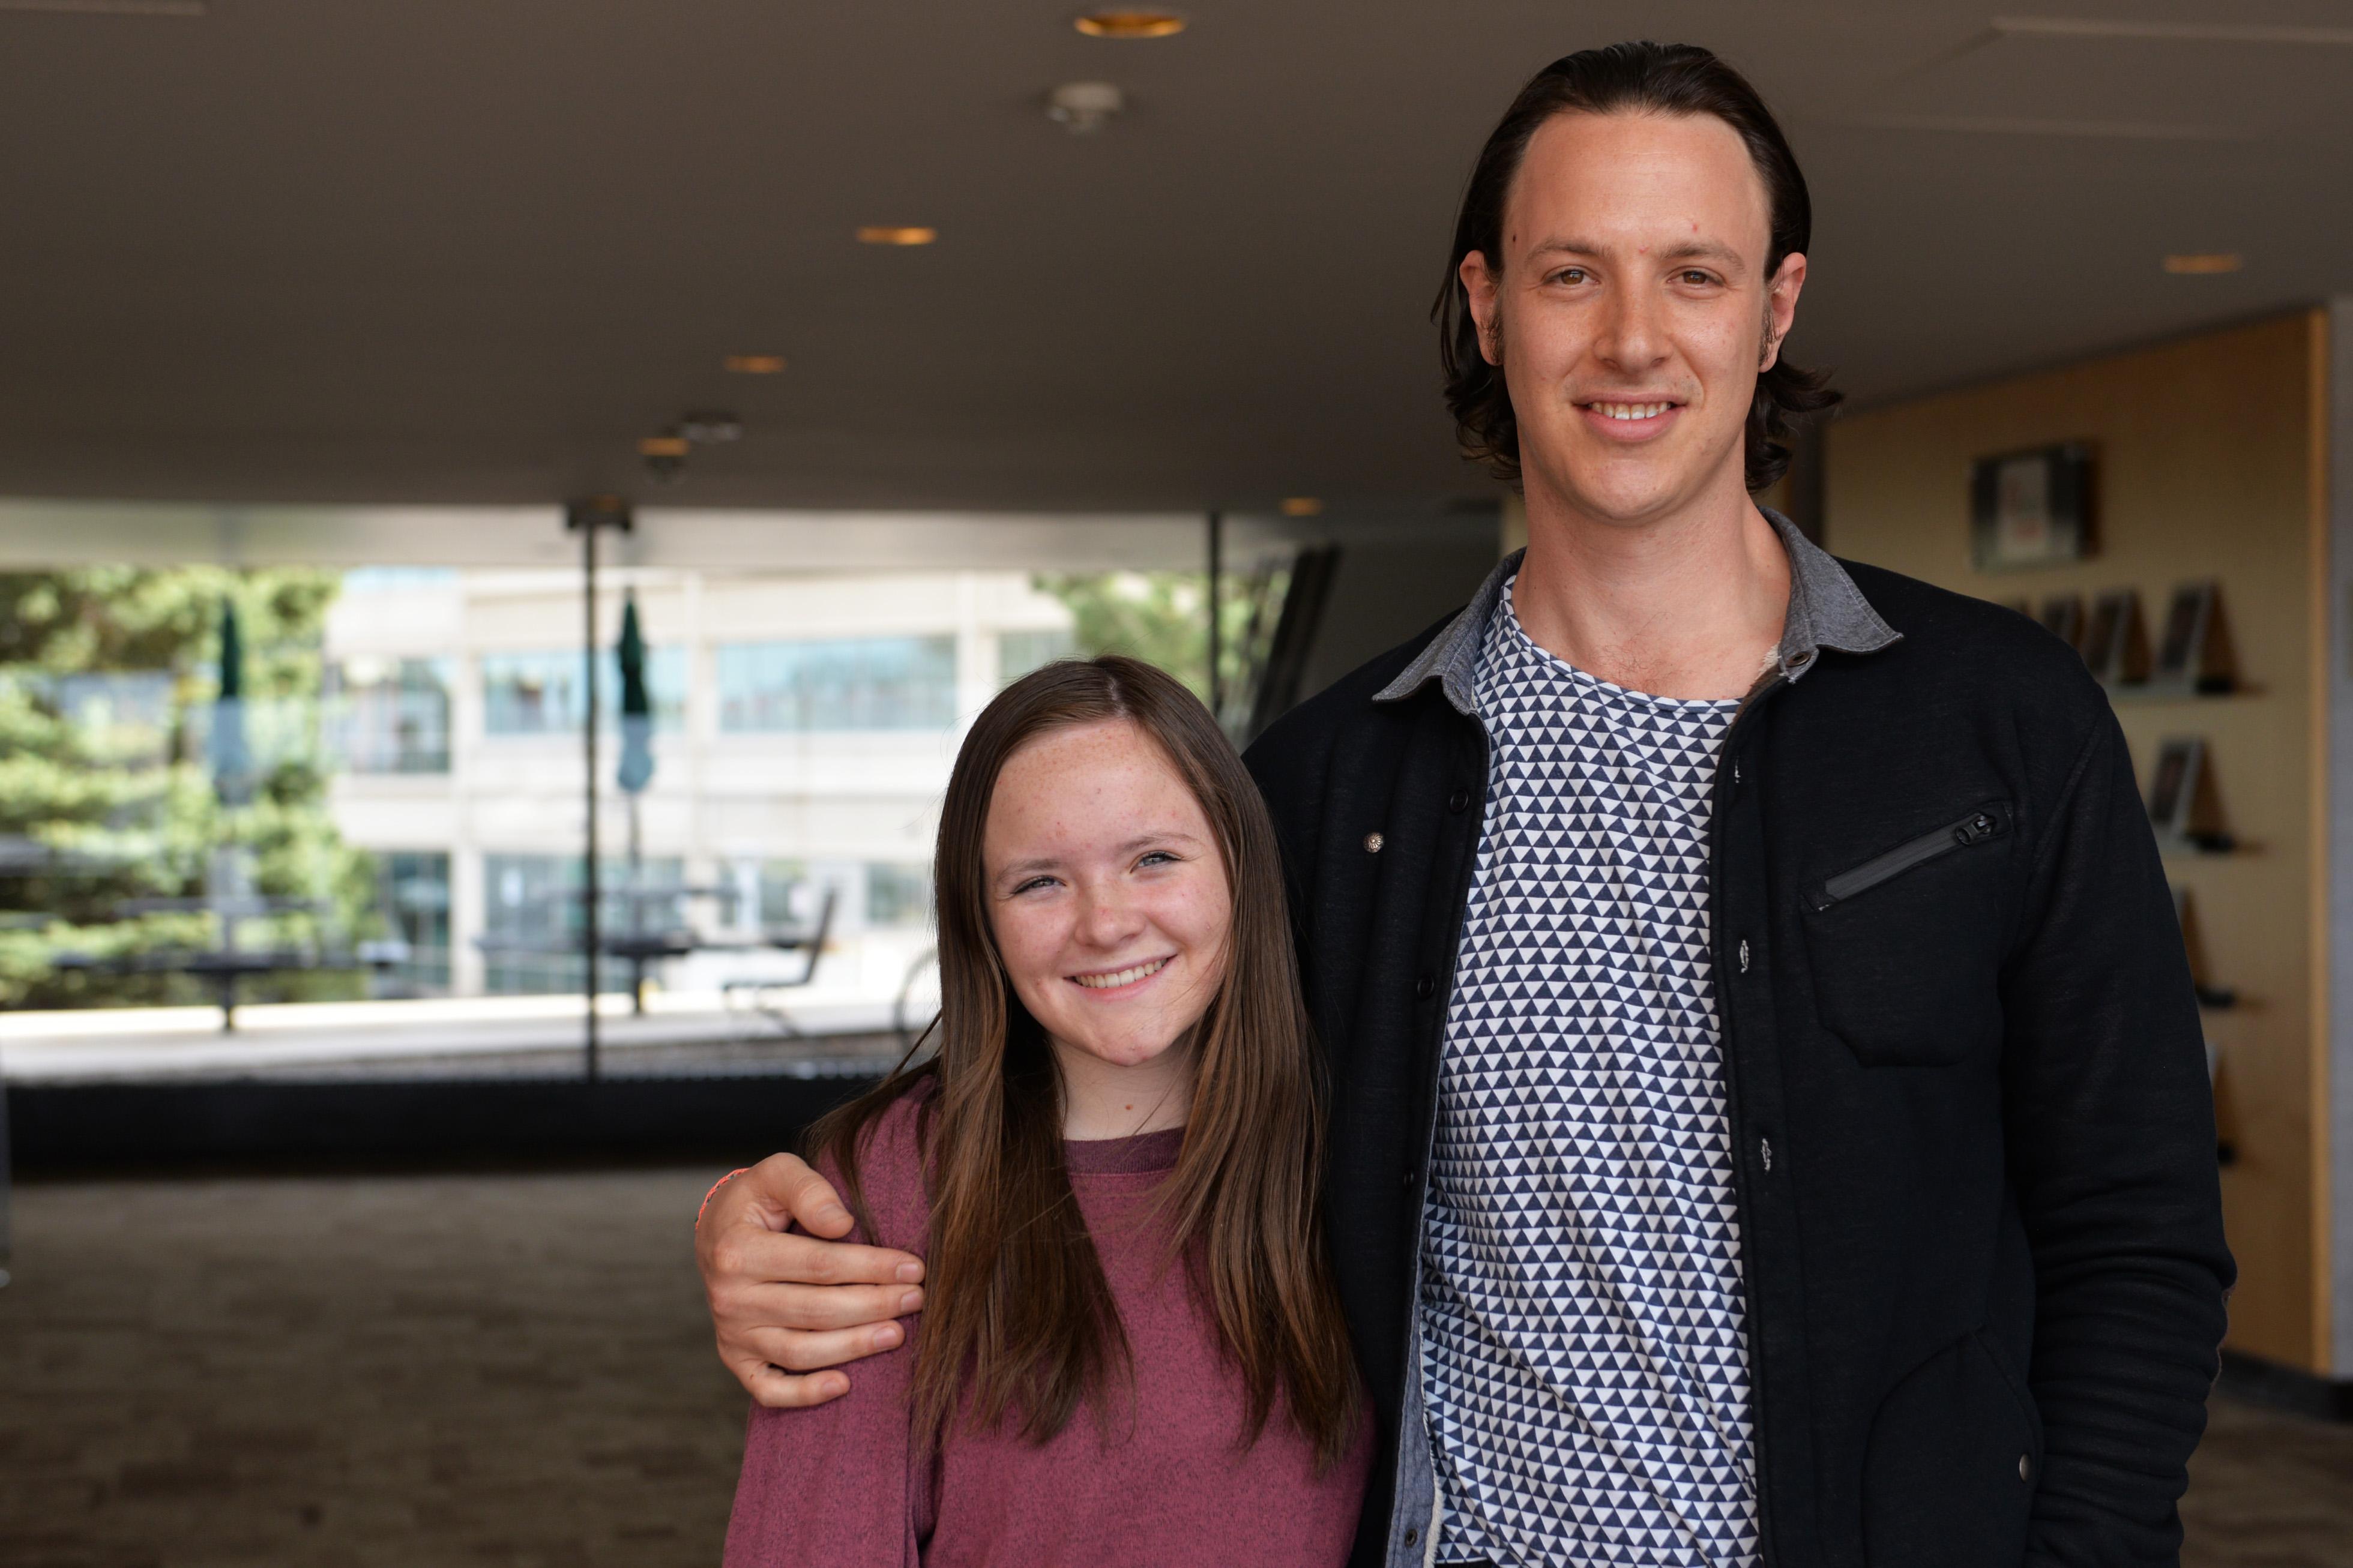 Photo: Rachel Hill and Ben Gelt student activists Columbine guns